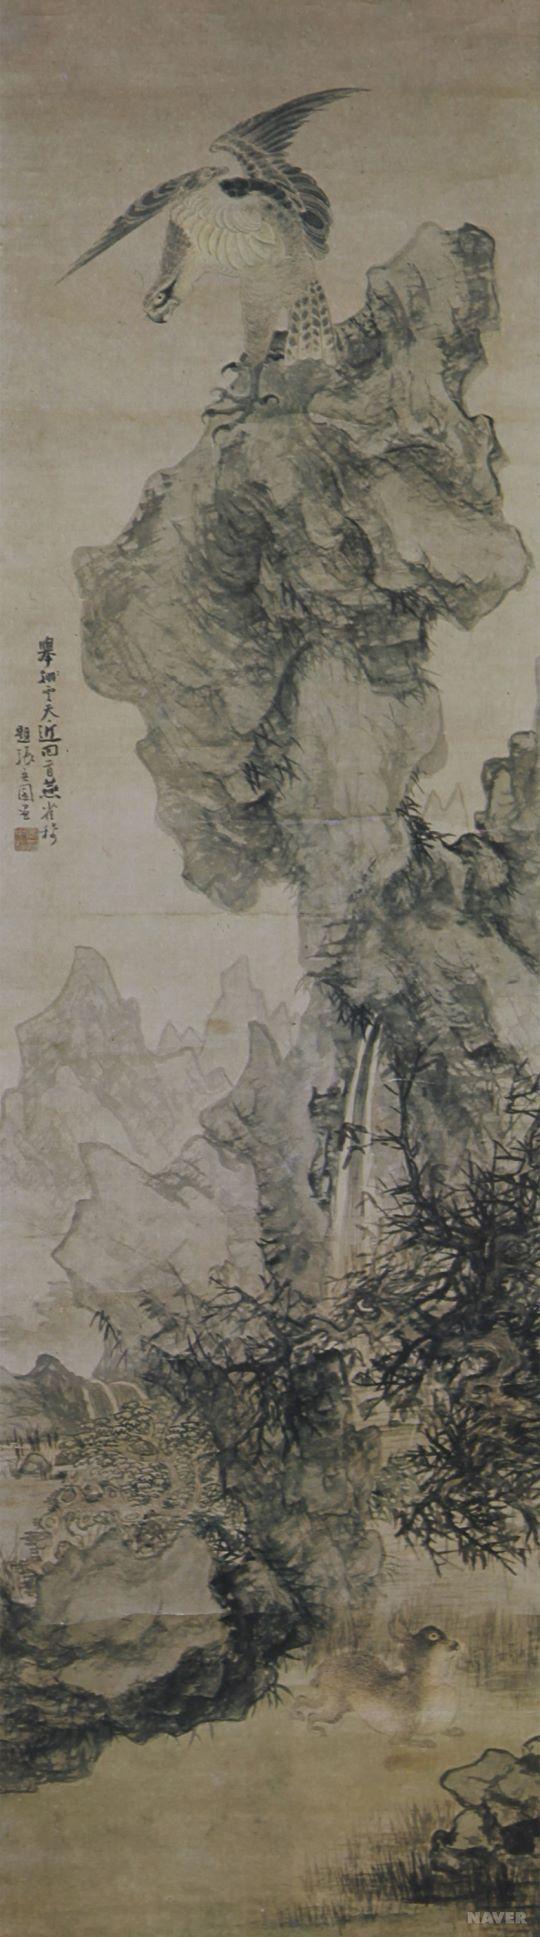 오원 장승업 (1843-1897), 웅시팔황도, 19세기, 수묵채색화.